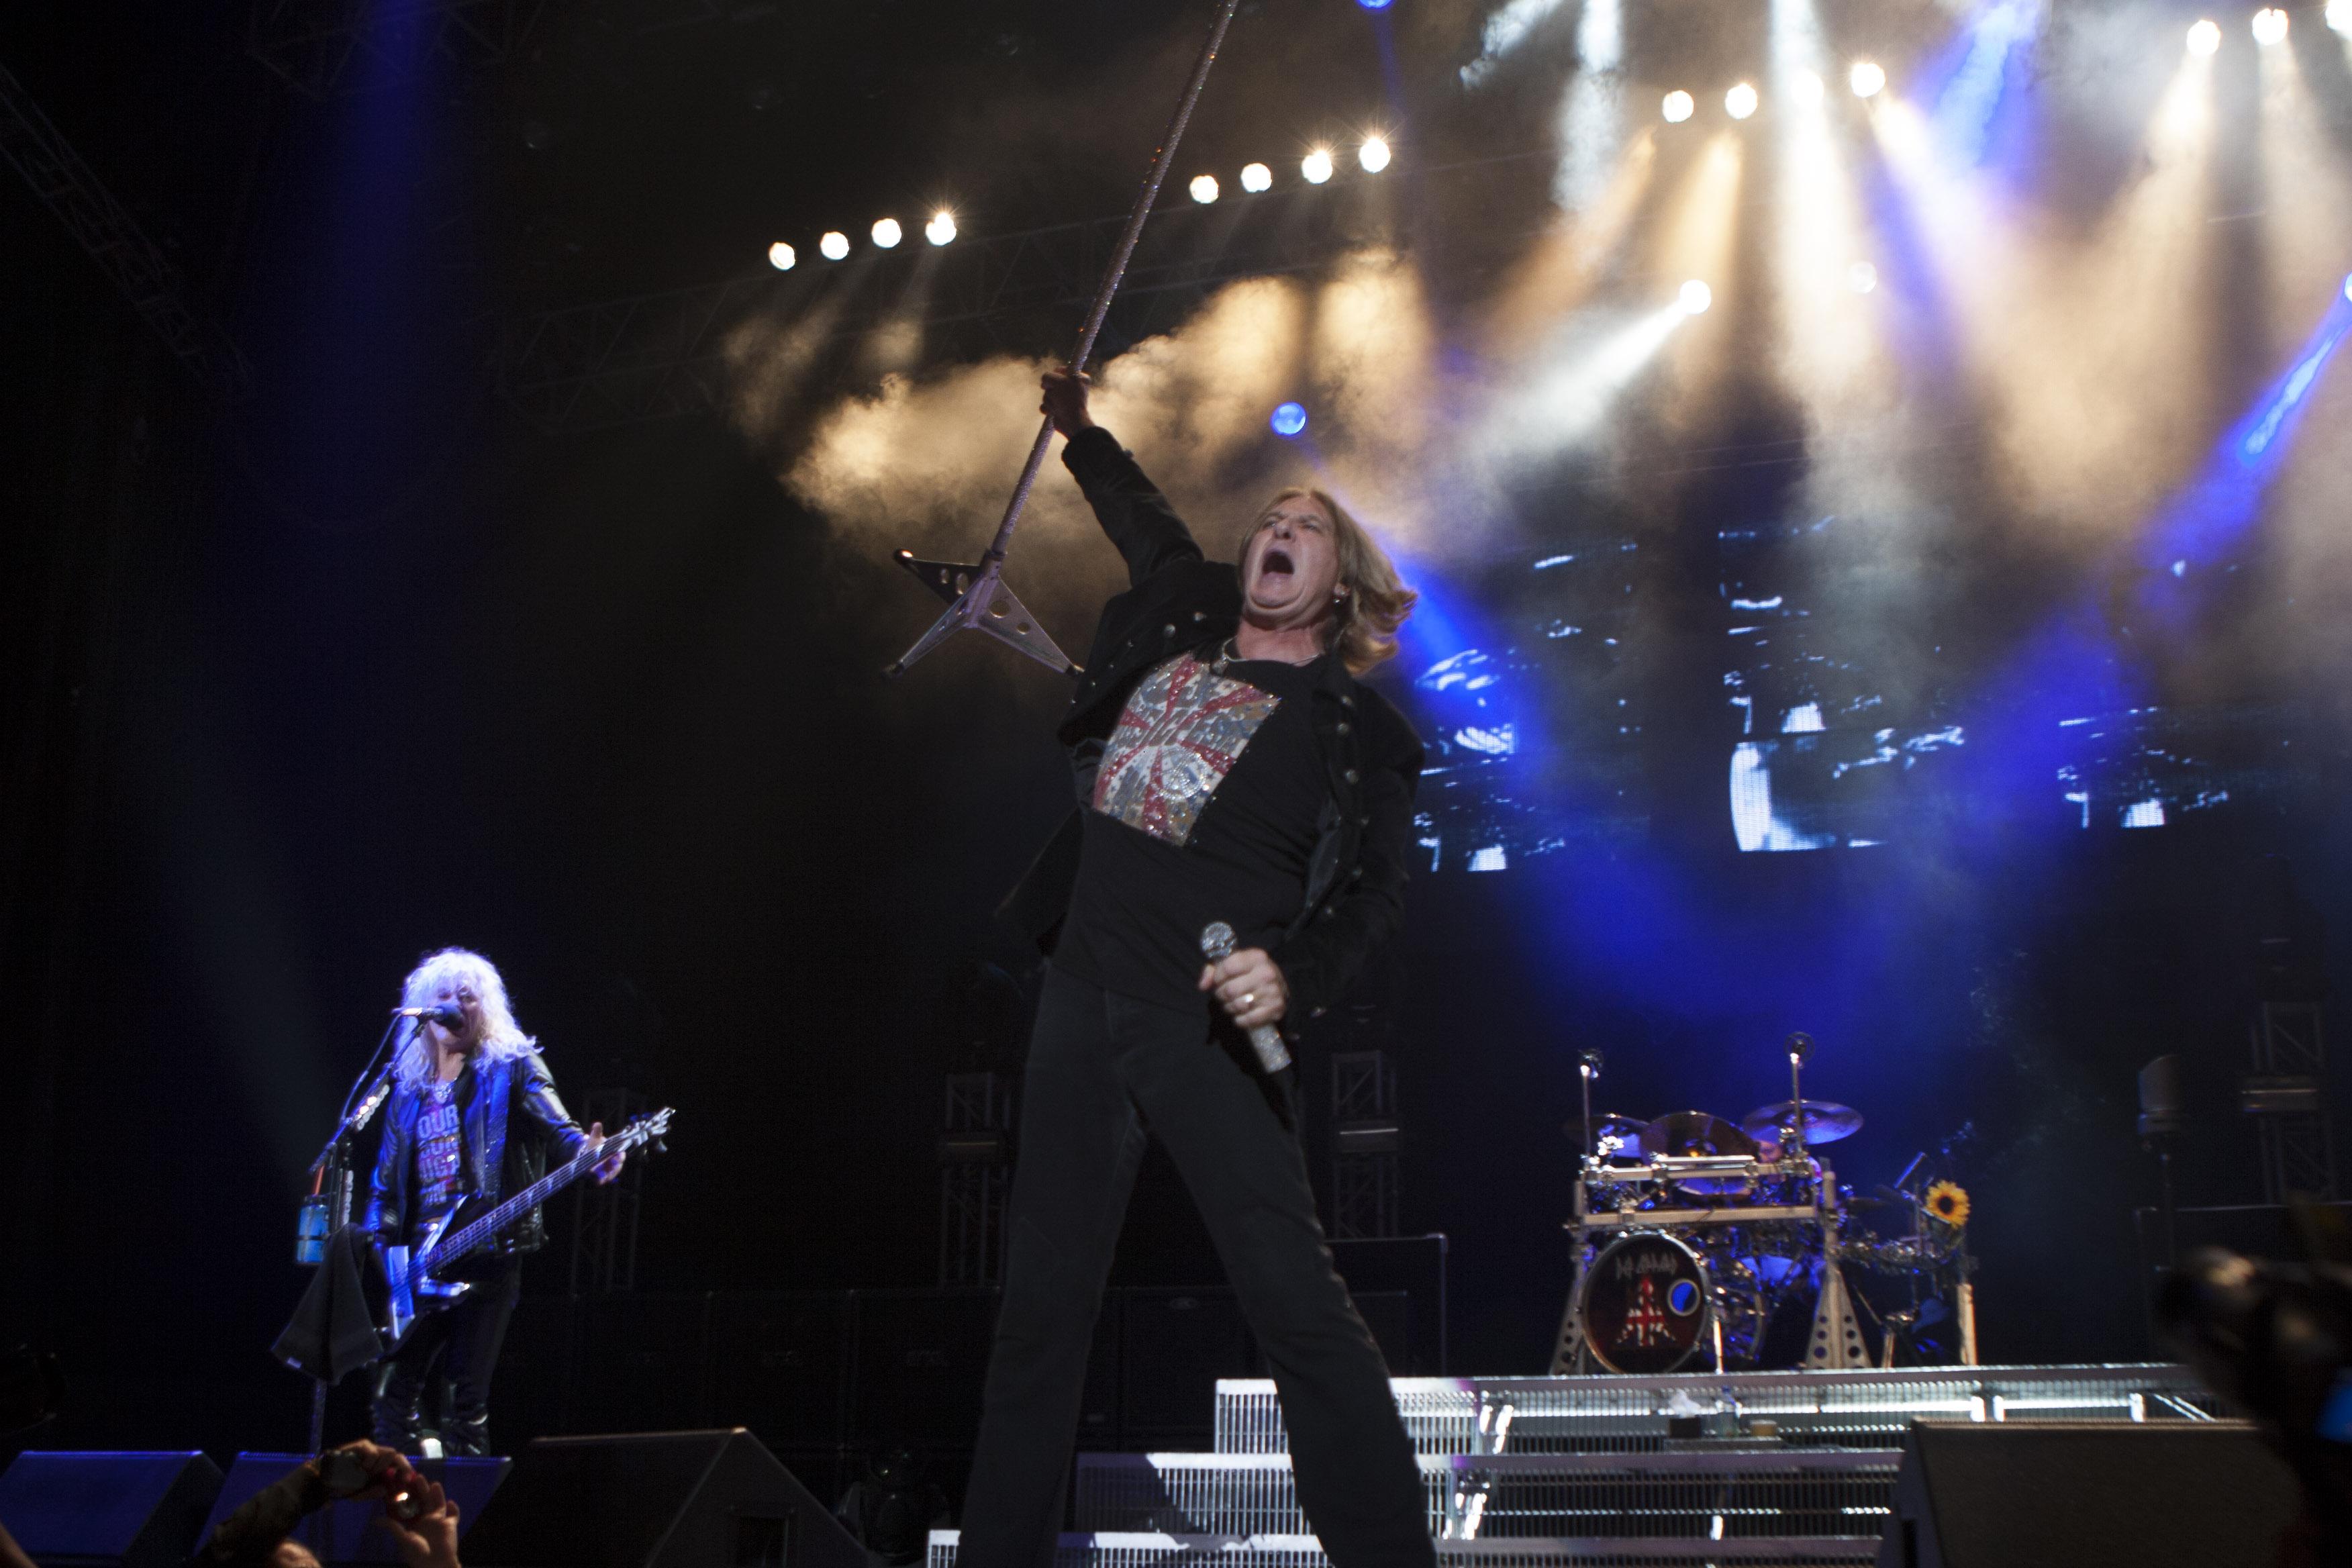 La banda también ofrecerá un concierto en el Auditorio Telmex, en Guadalajara. FOTO CUARTOSCURO